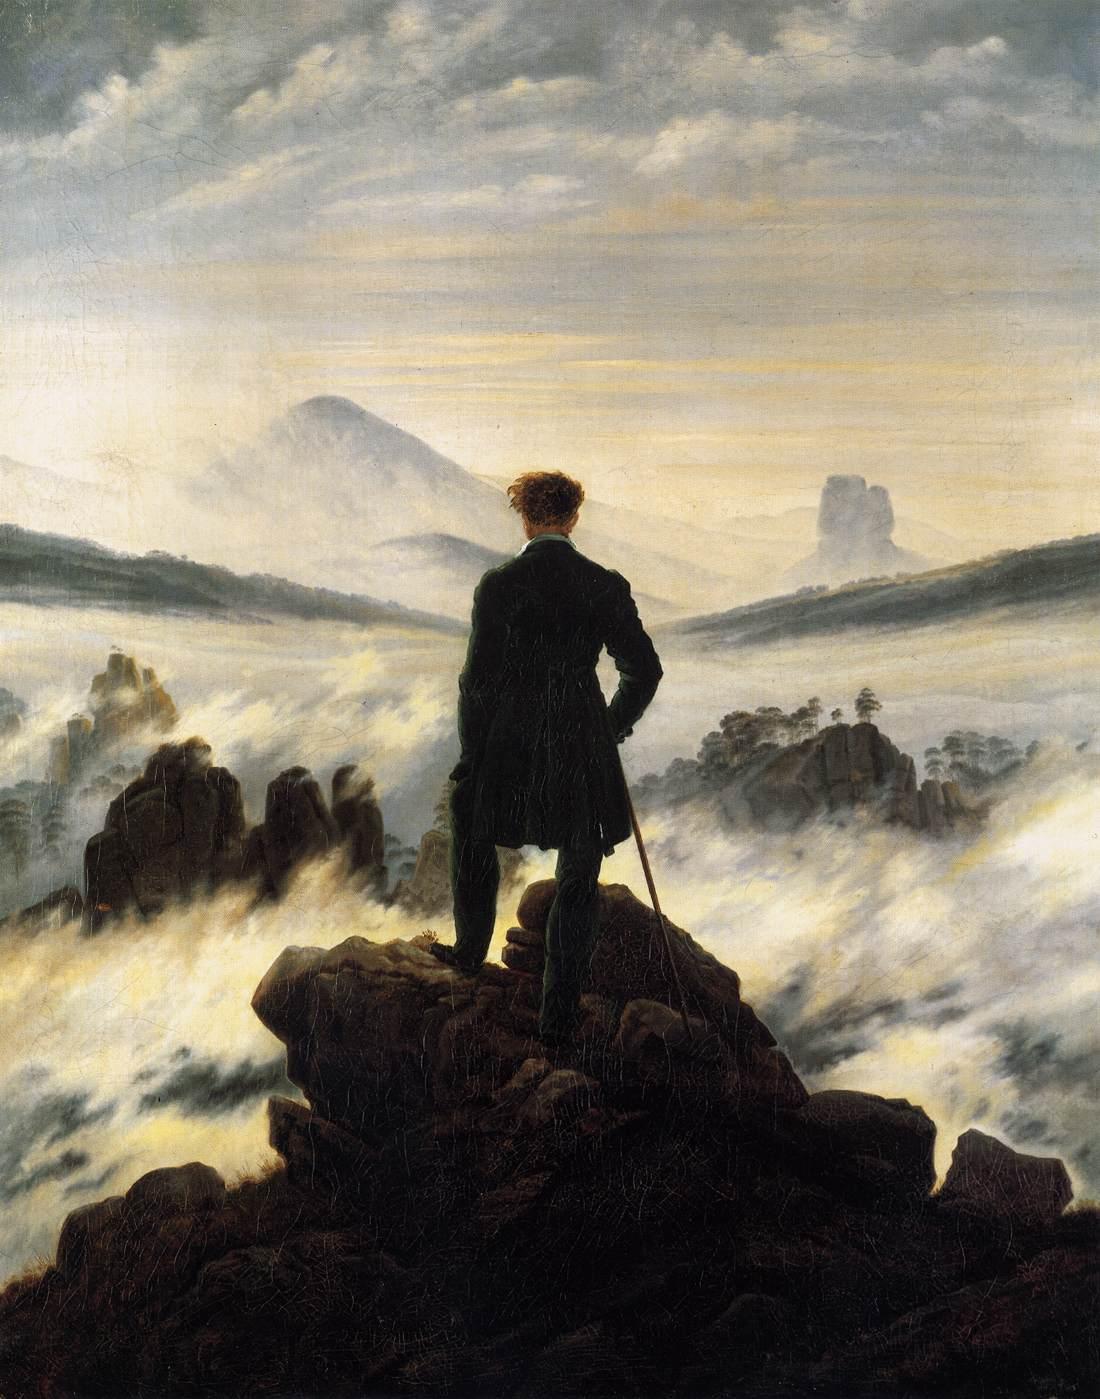 http://4.bp.blogspot.com/_HWhYup01zdk/TKkouHsgIAI/AAAAAAAAA14/JFEWVwxbxwE/s1600/10294-the-wanderer-above-the-mists-caspar-david-friedrich.jpg